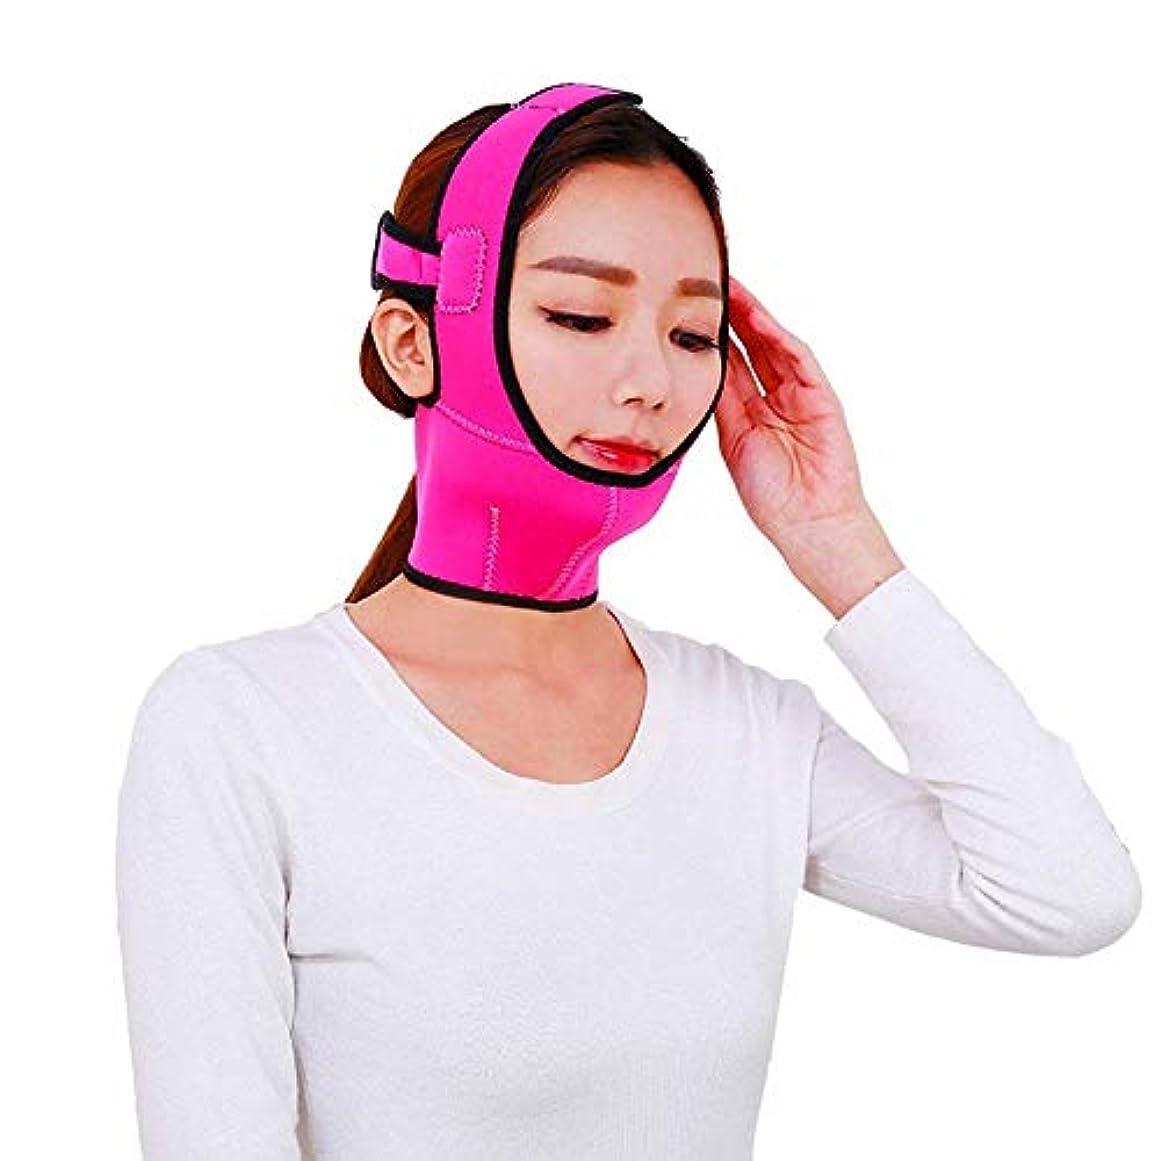 へこみニュースみすぼらしい二重あごの顔の持ち上がるマスクVfaceの顔の小さい顔の持ち上がる用具をきつく締める通気性の顔の持ち上がる包帯